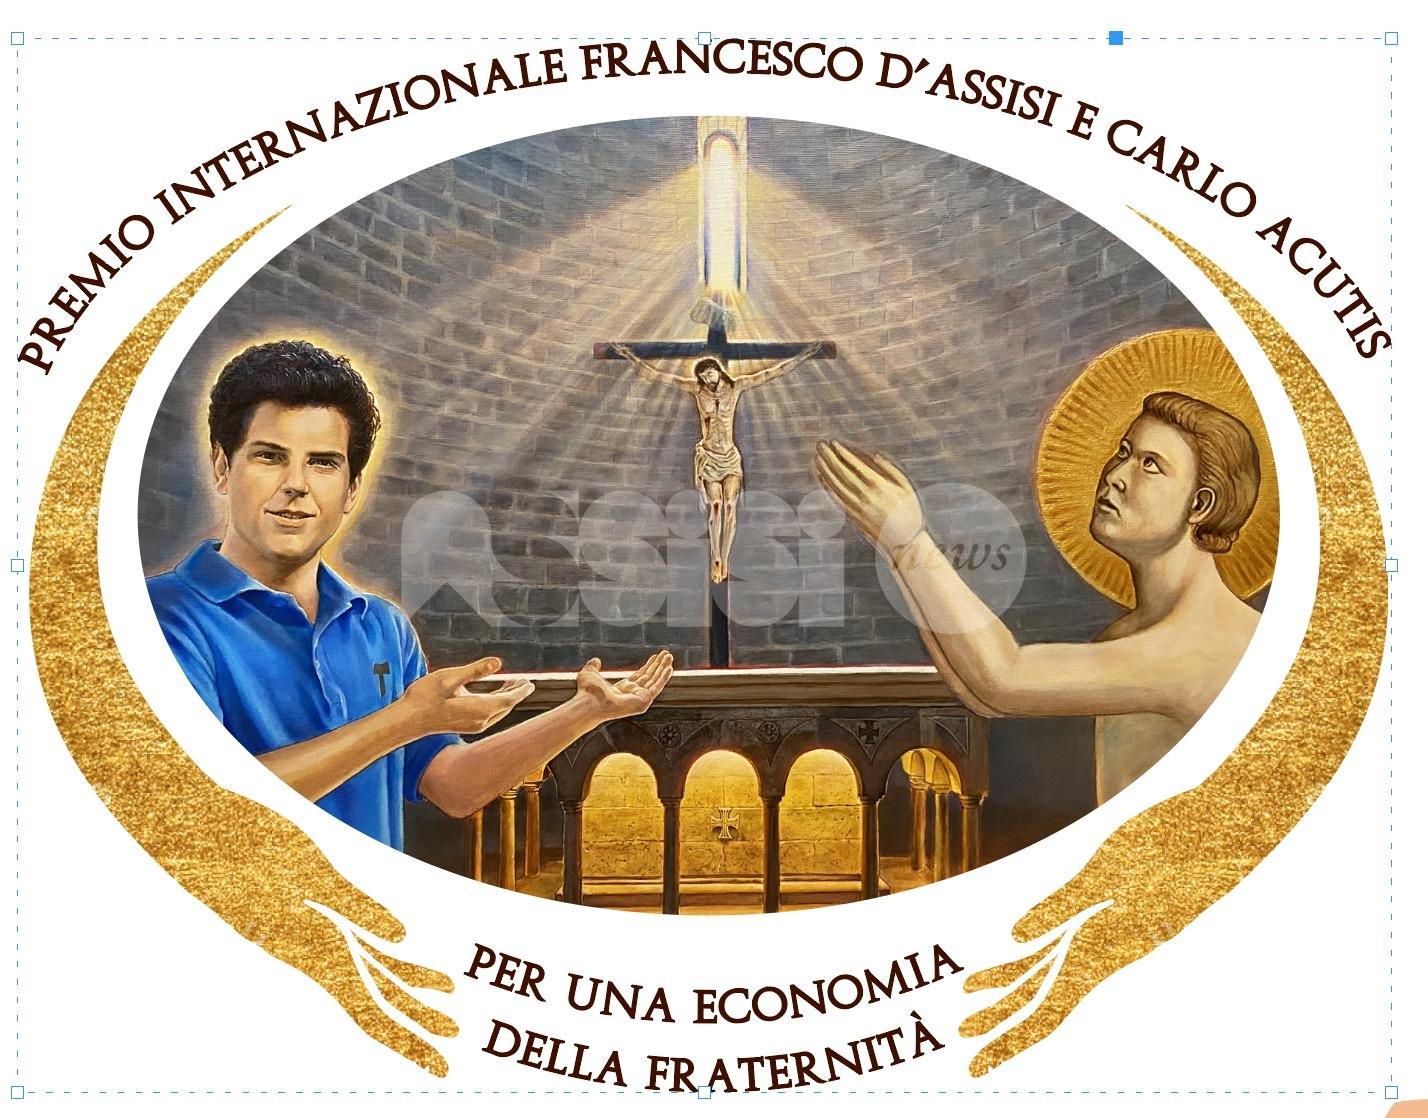 Premio internazionale Francesco di Assisi e Carlo Acutis, la prima edizione va al Serafico di Assisi